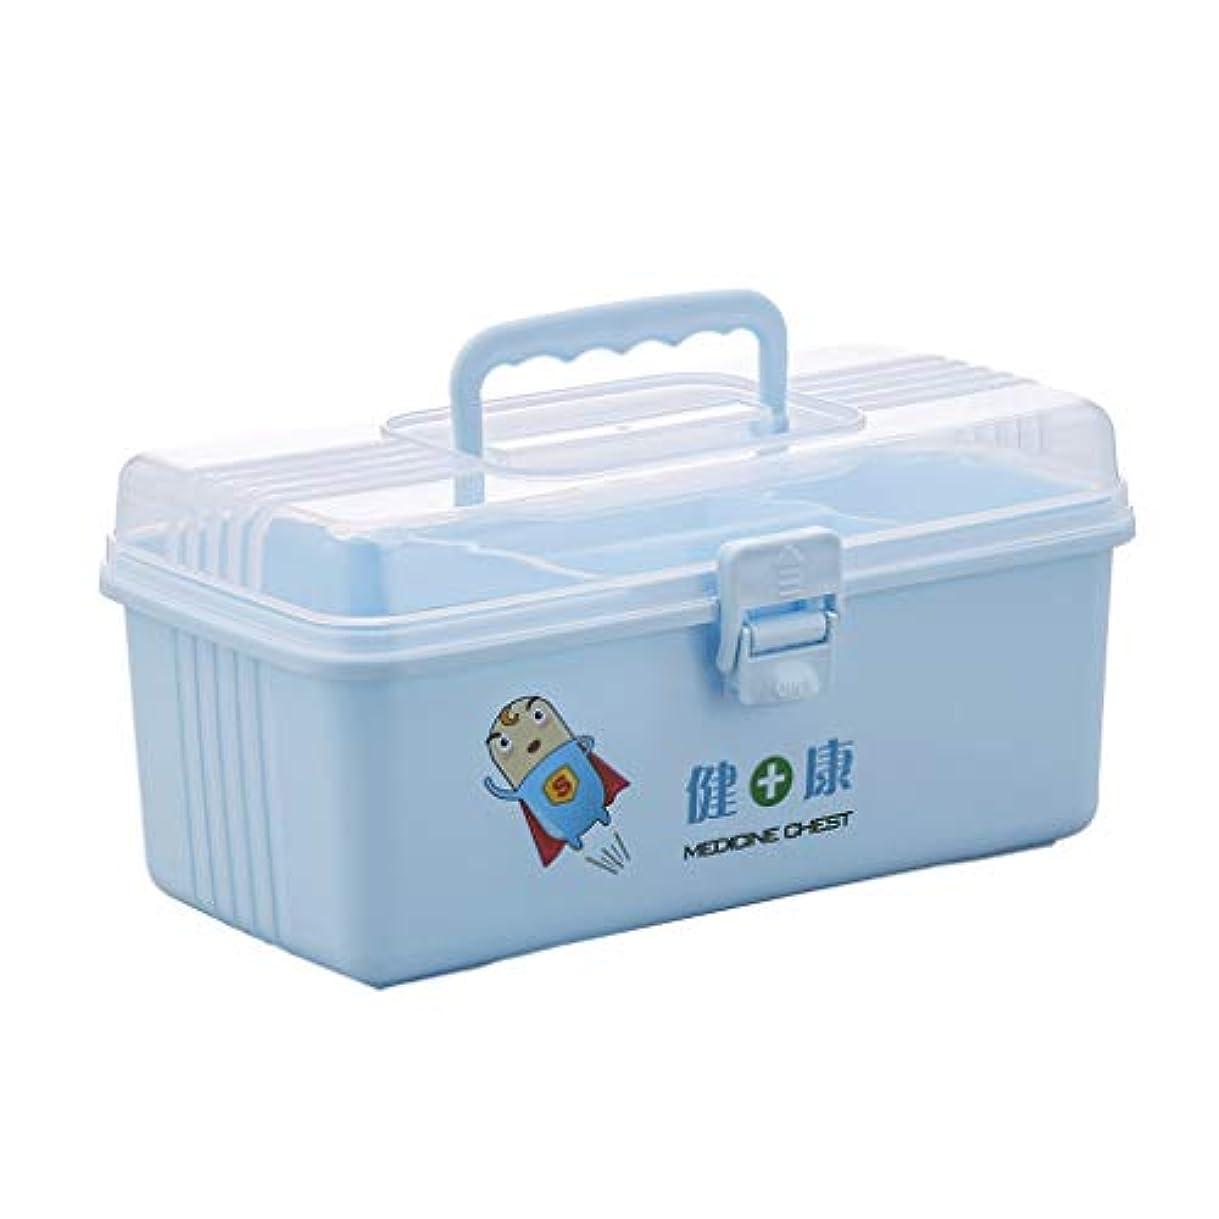 安全治療上がるXuping shop プラスチック医学箱家族の緊急のキット、医学の化粧品のためのハンドルが付いている貯蔵のオルガナイザー箱 (色 : 青)